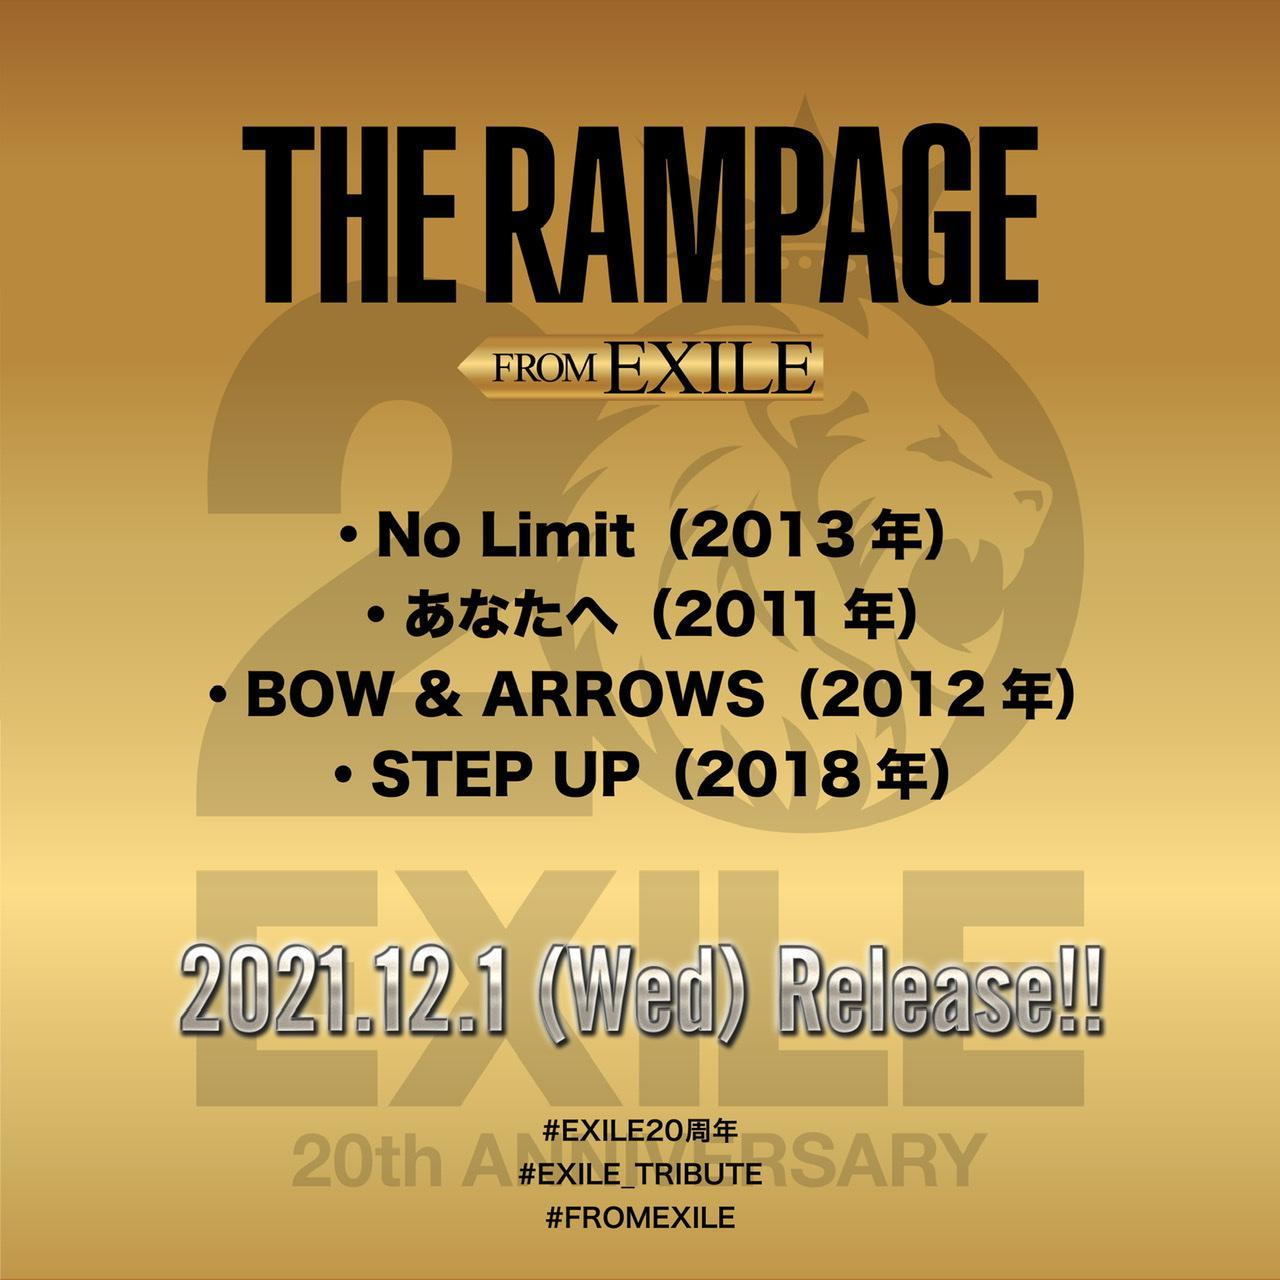 画像1: EXILE20周年を記念してJr.EXILEがトリビュートシングルを12月にリリース